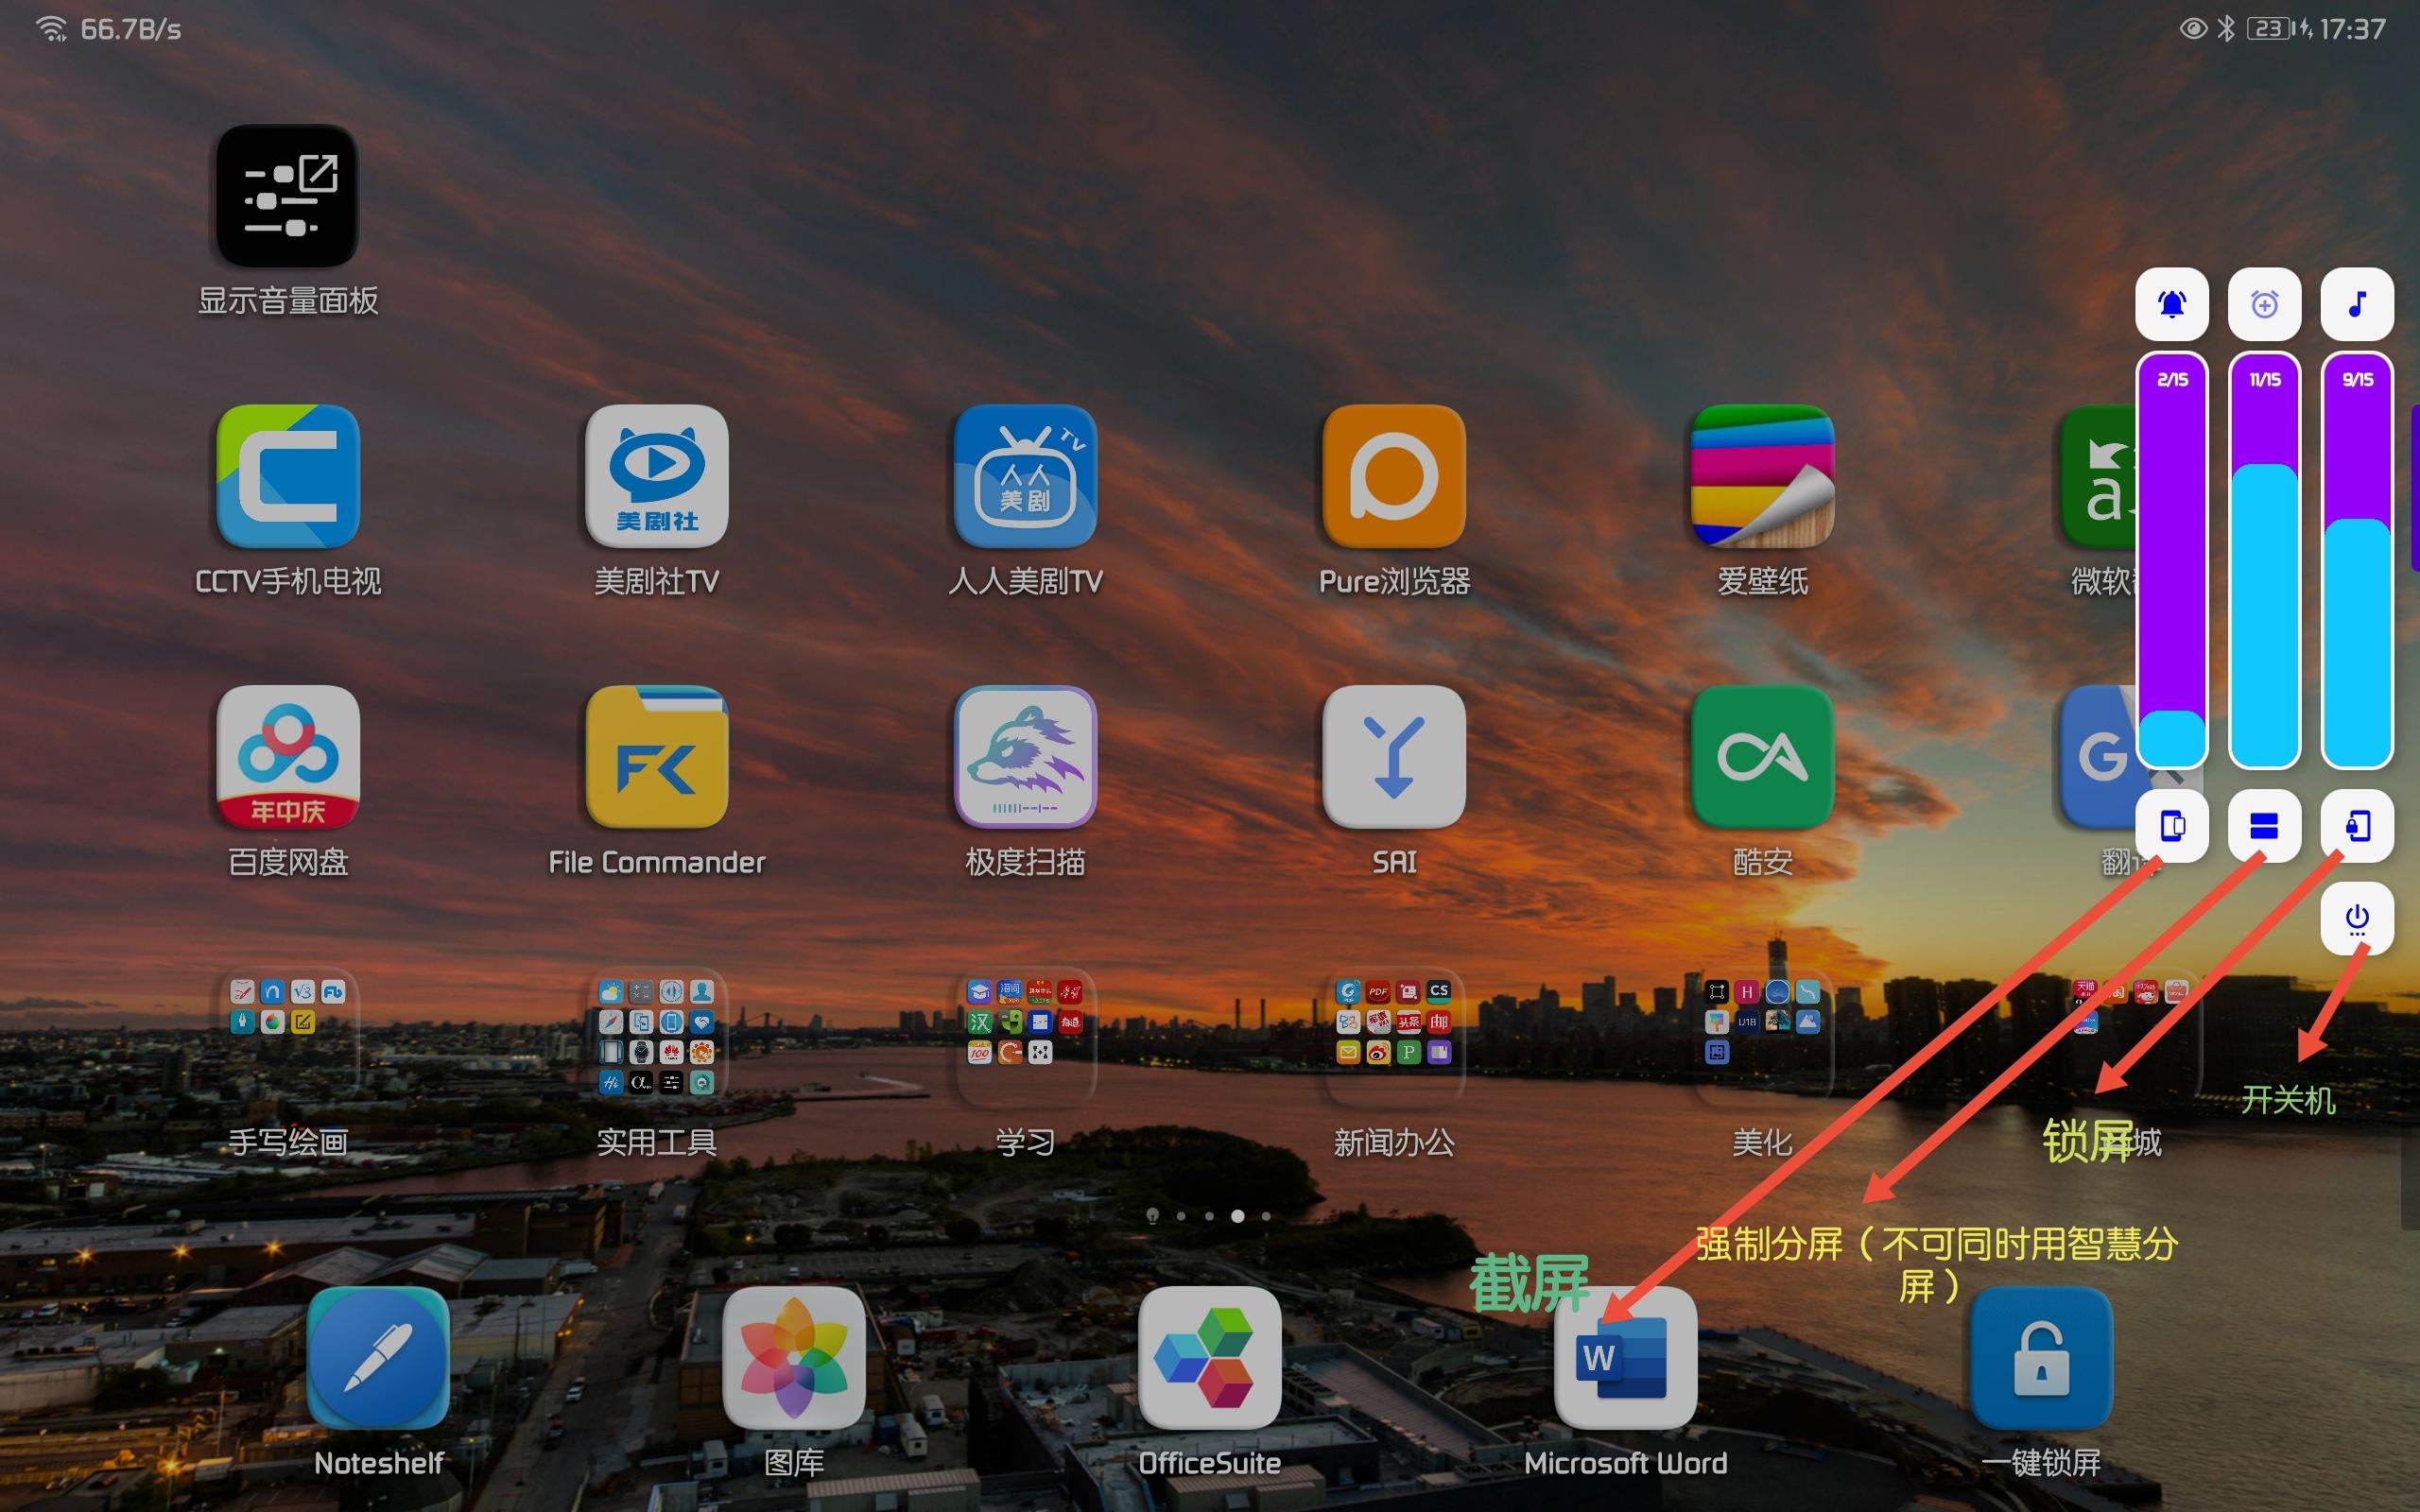 Screenshot_20200608_174314.jpg